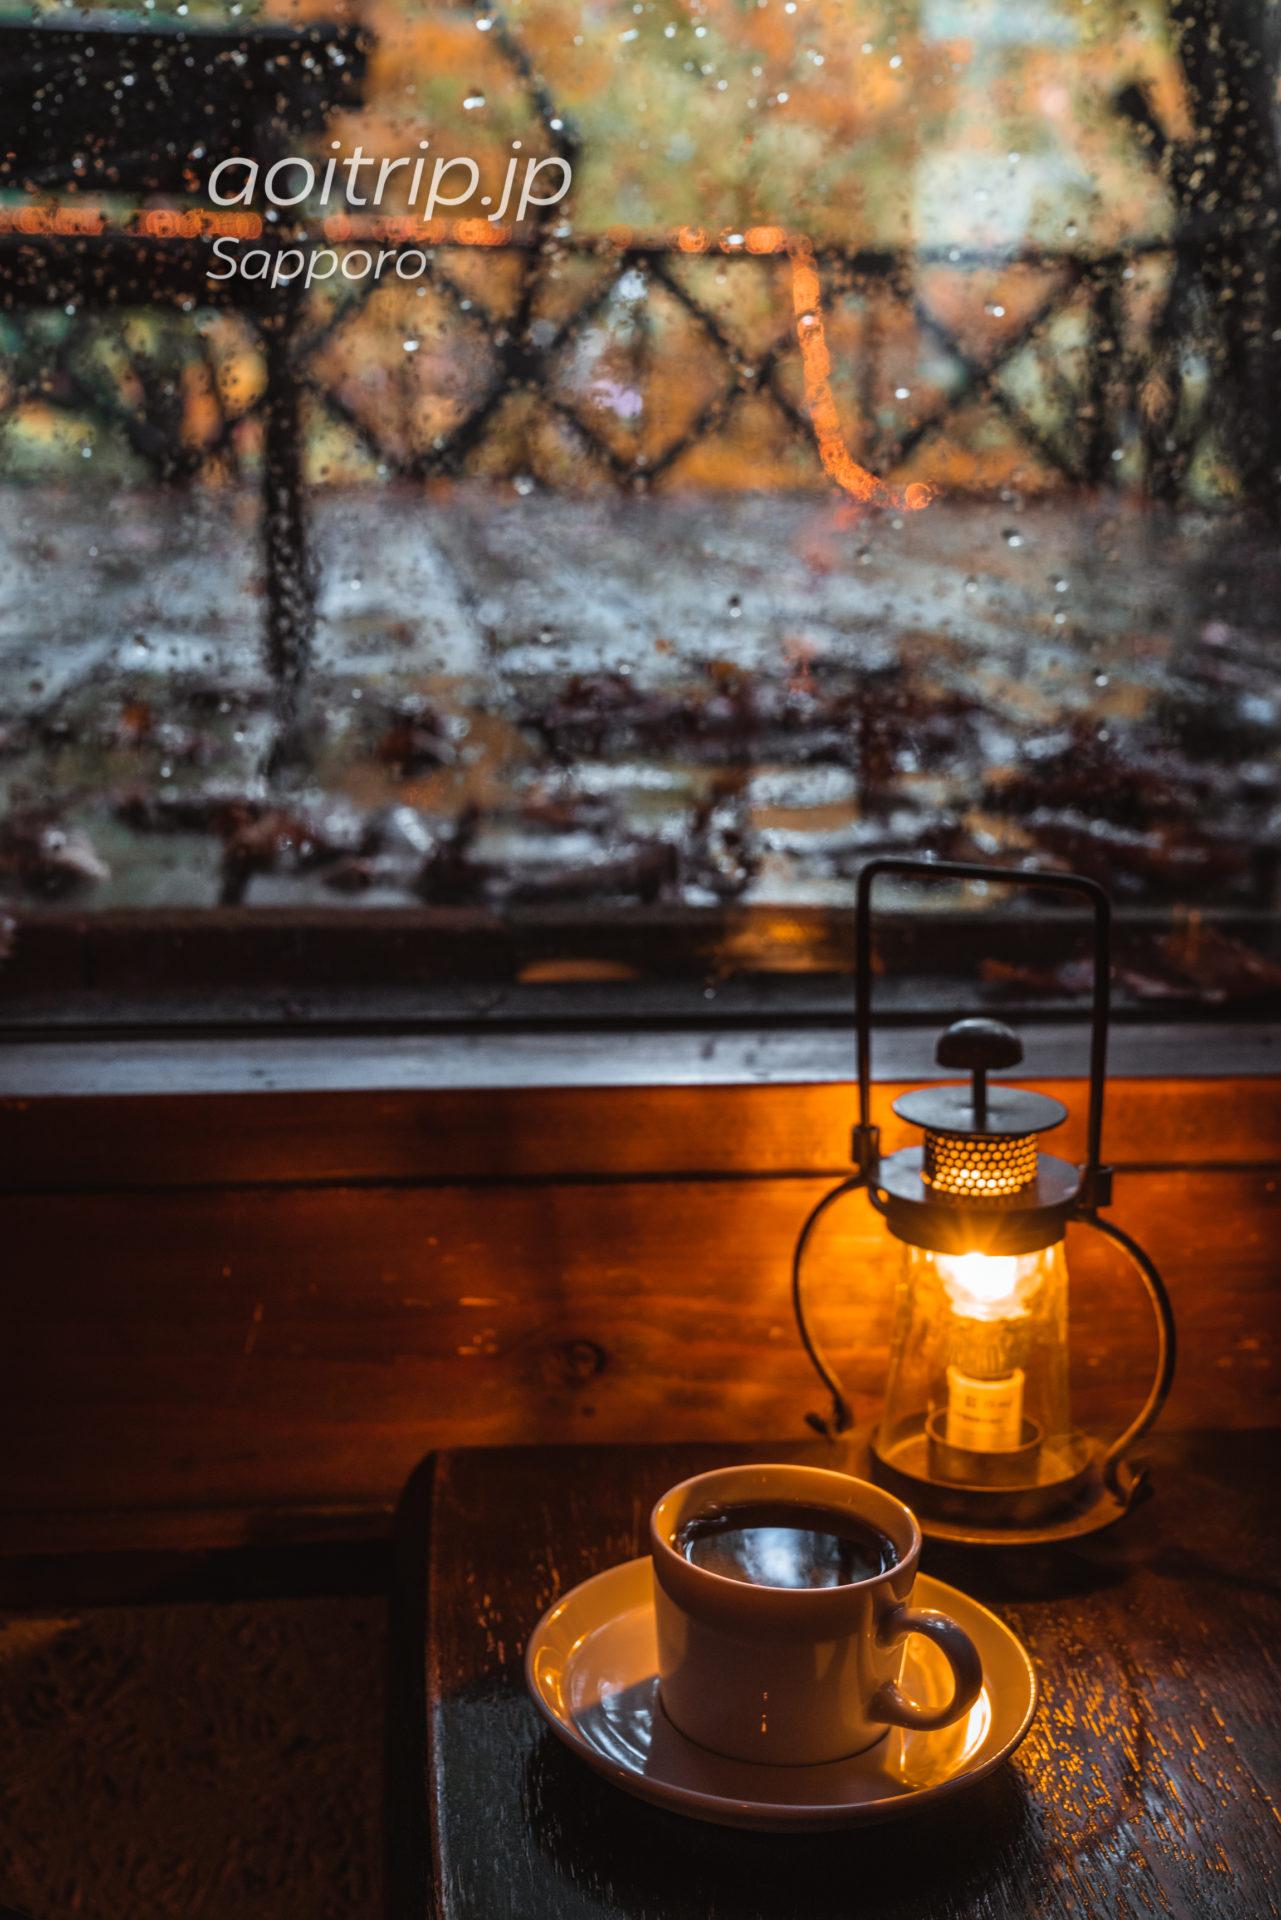 花論珈琲茶房(Karon Coffee Sabo)藻岩本店のブレンド珈琲(フレンチ)